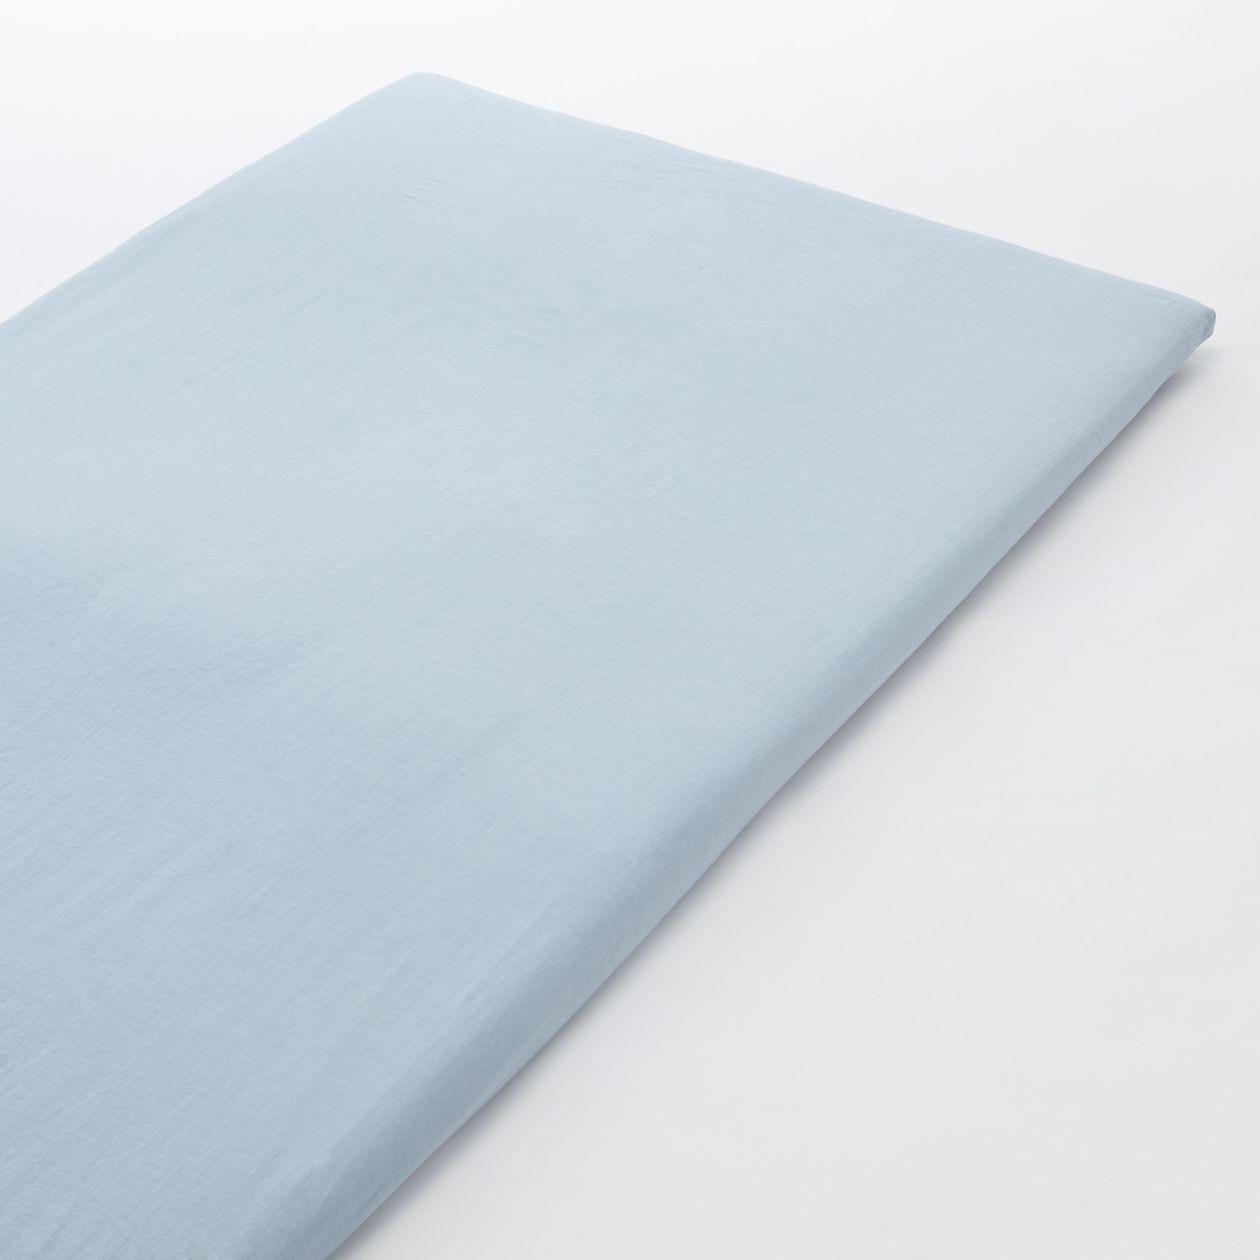 綿洗いざらし敷ふとんカバー・D/ライトブルー